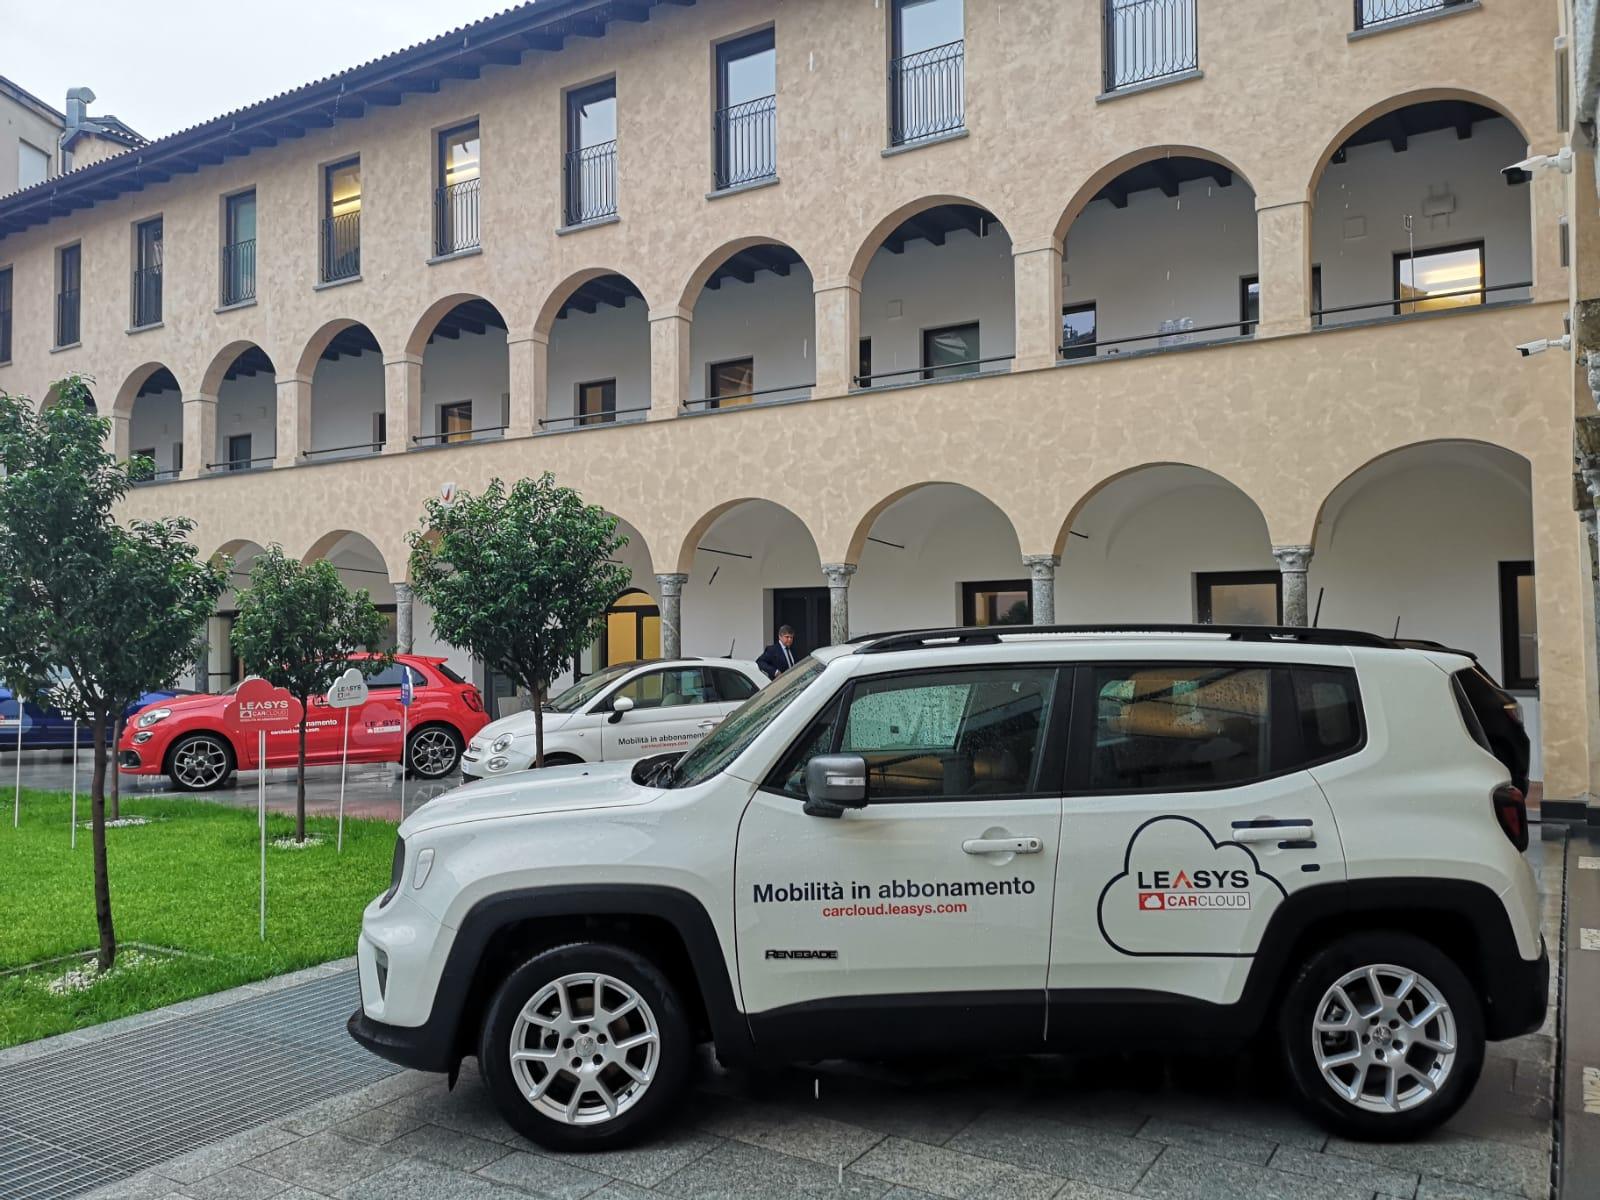 Abbonamento per la mobilità: Leasys CarCloud Renegade & Compass